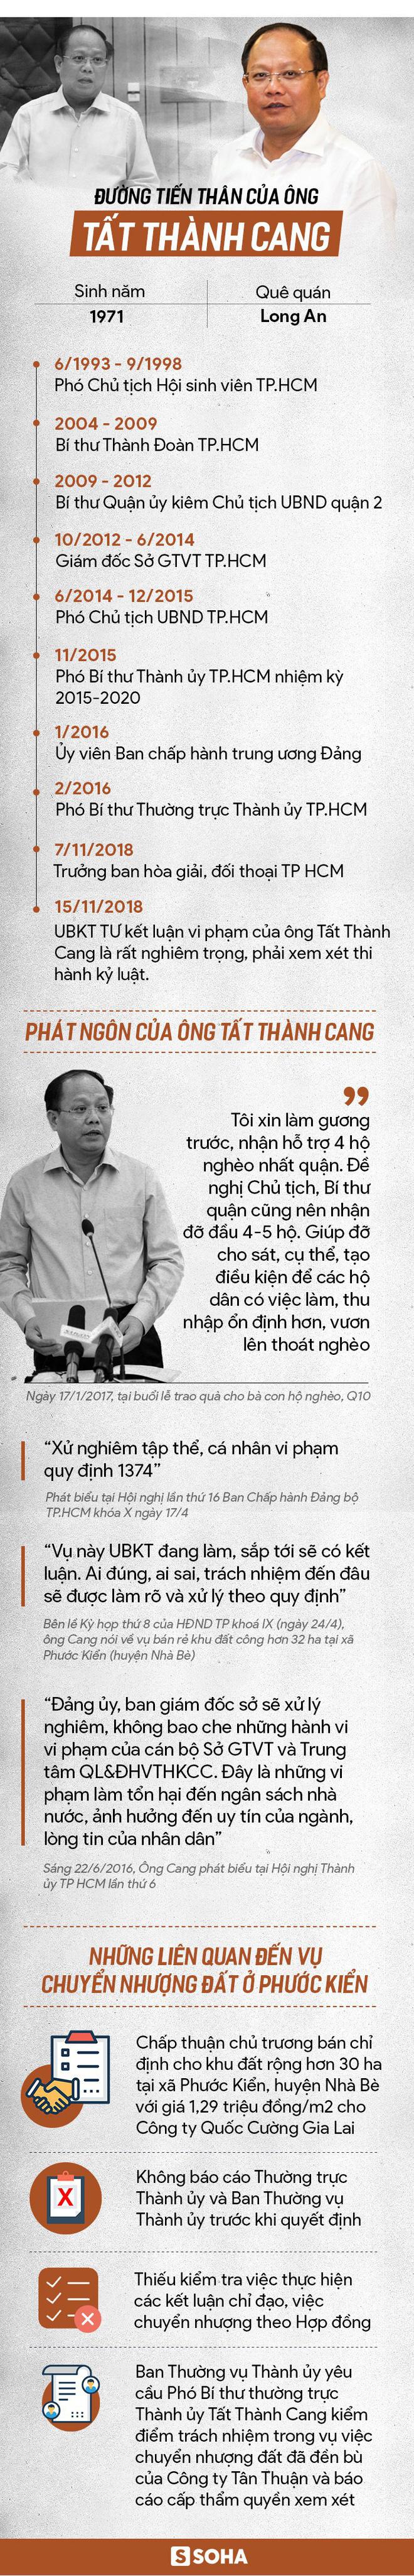 Đề nghị kỷ luật Phó bí thư thường trực Thành ủy TP HCM Tất Thành Cang - Ảnh 1.